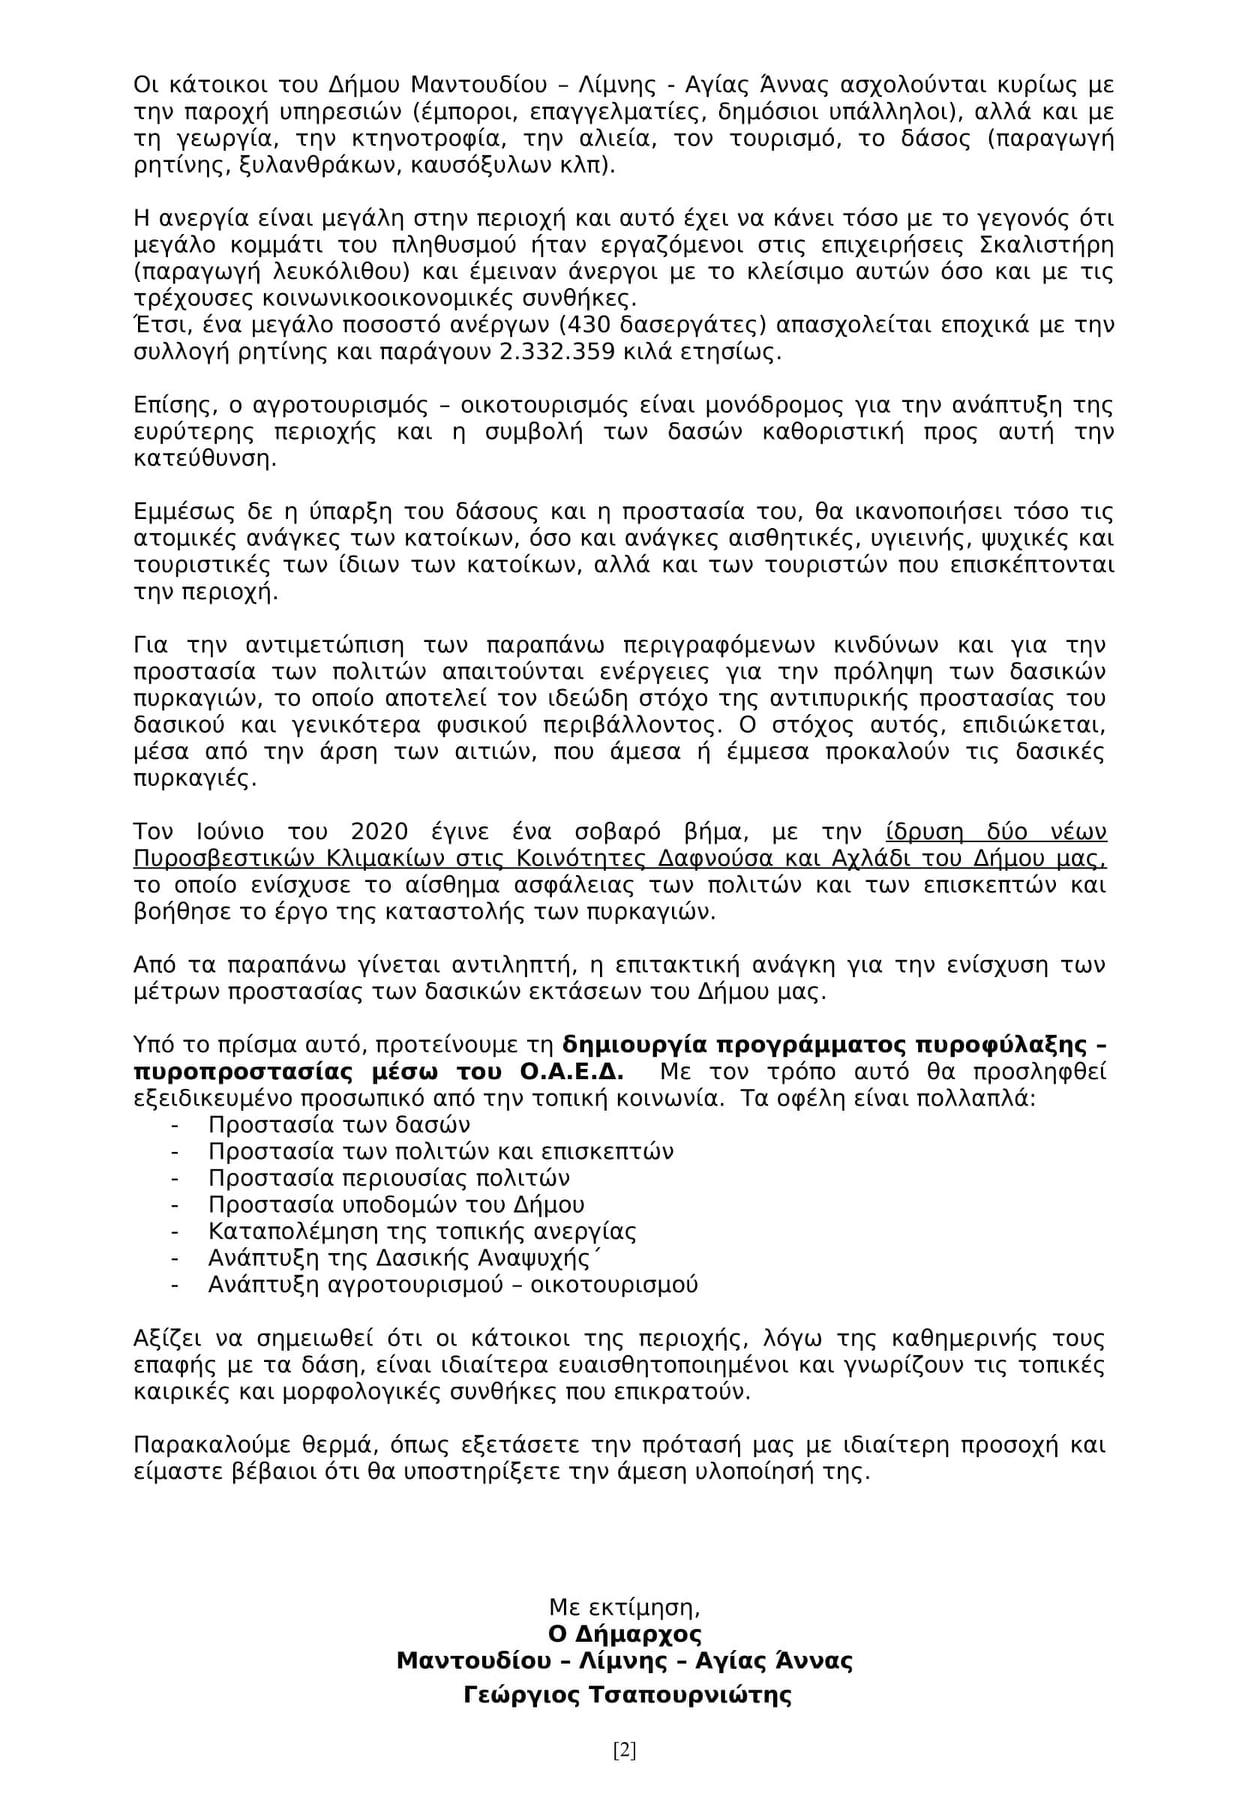 Με αίτημά του ο Δήμαρχος Μαντουδίου - Λίμνης - Αγίας Άννας προς τον υπουργό Προστασίας